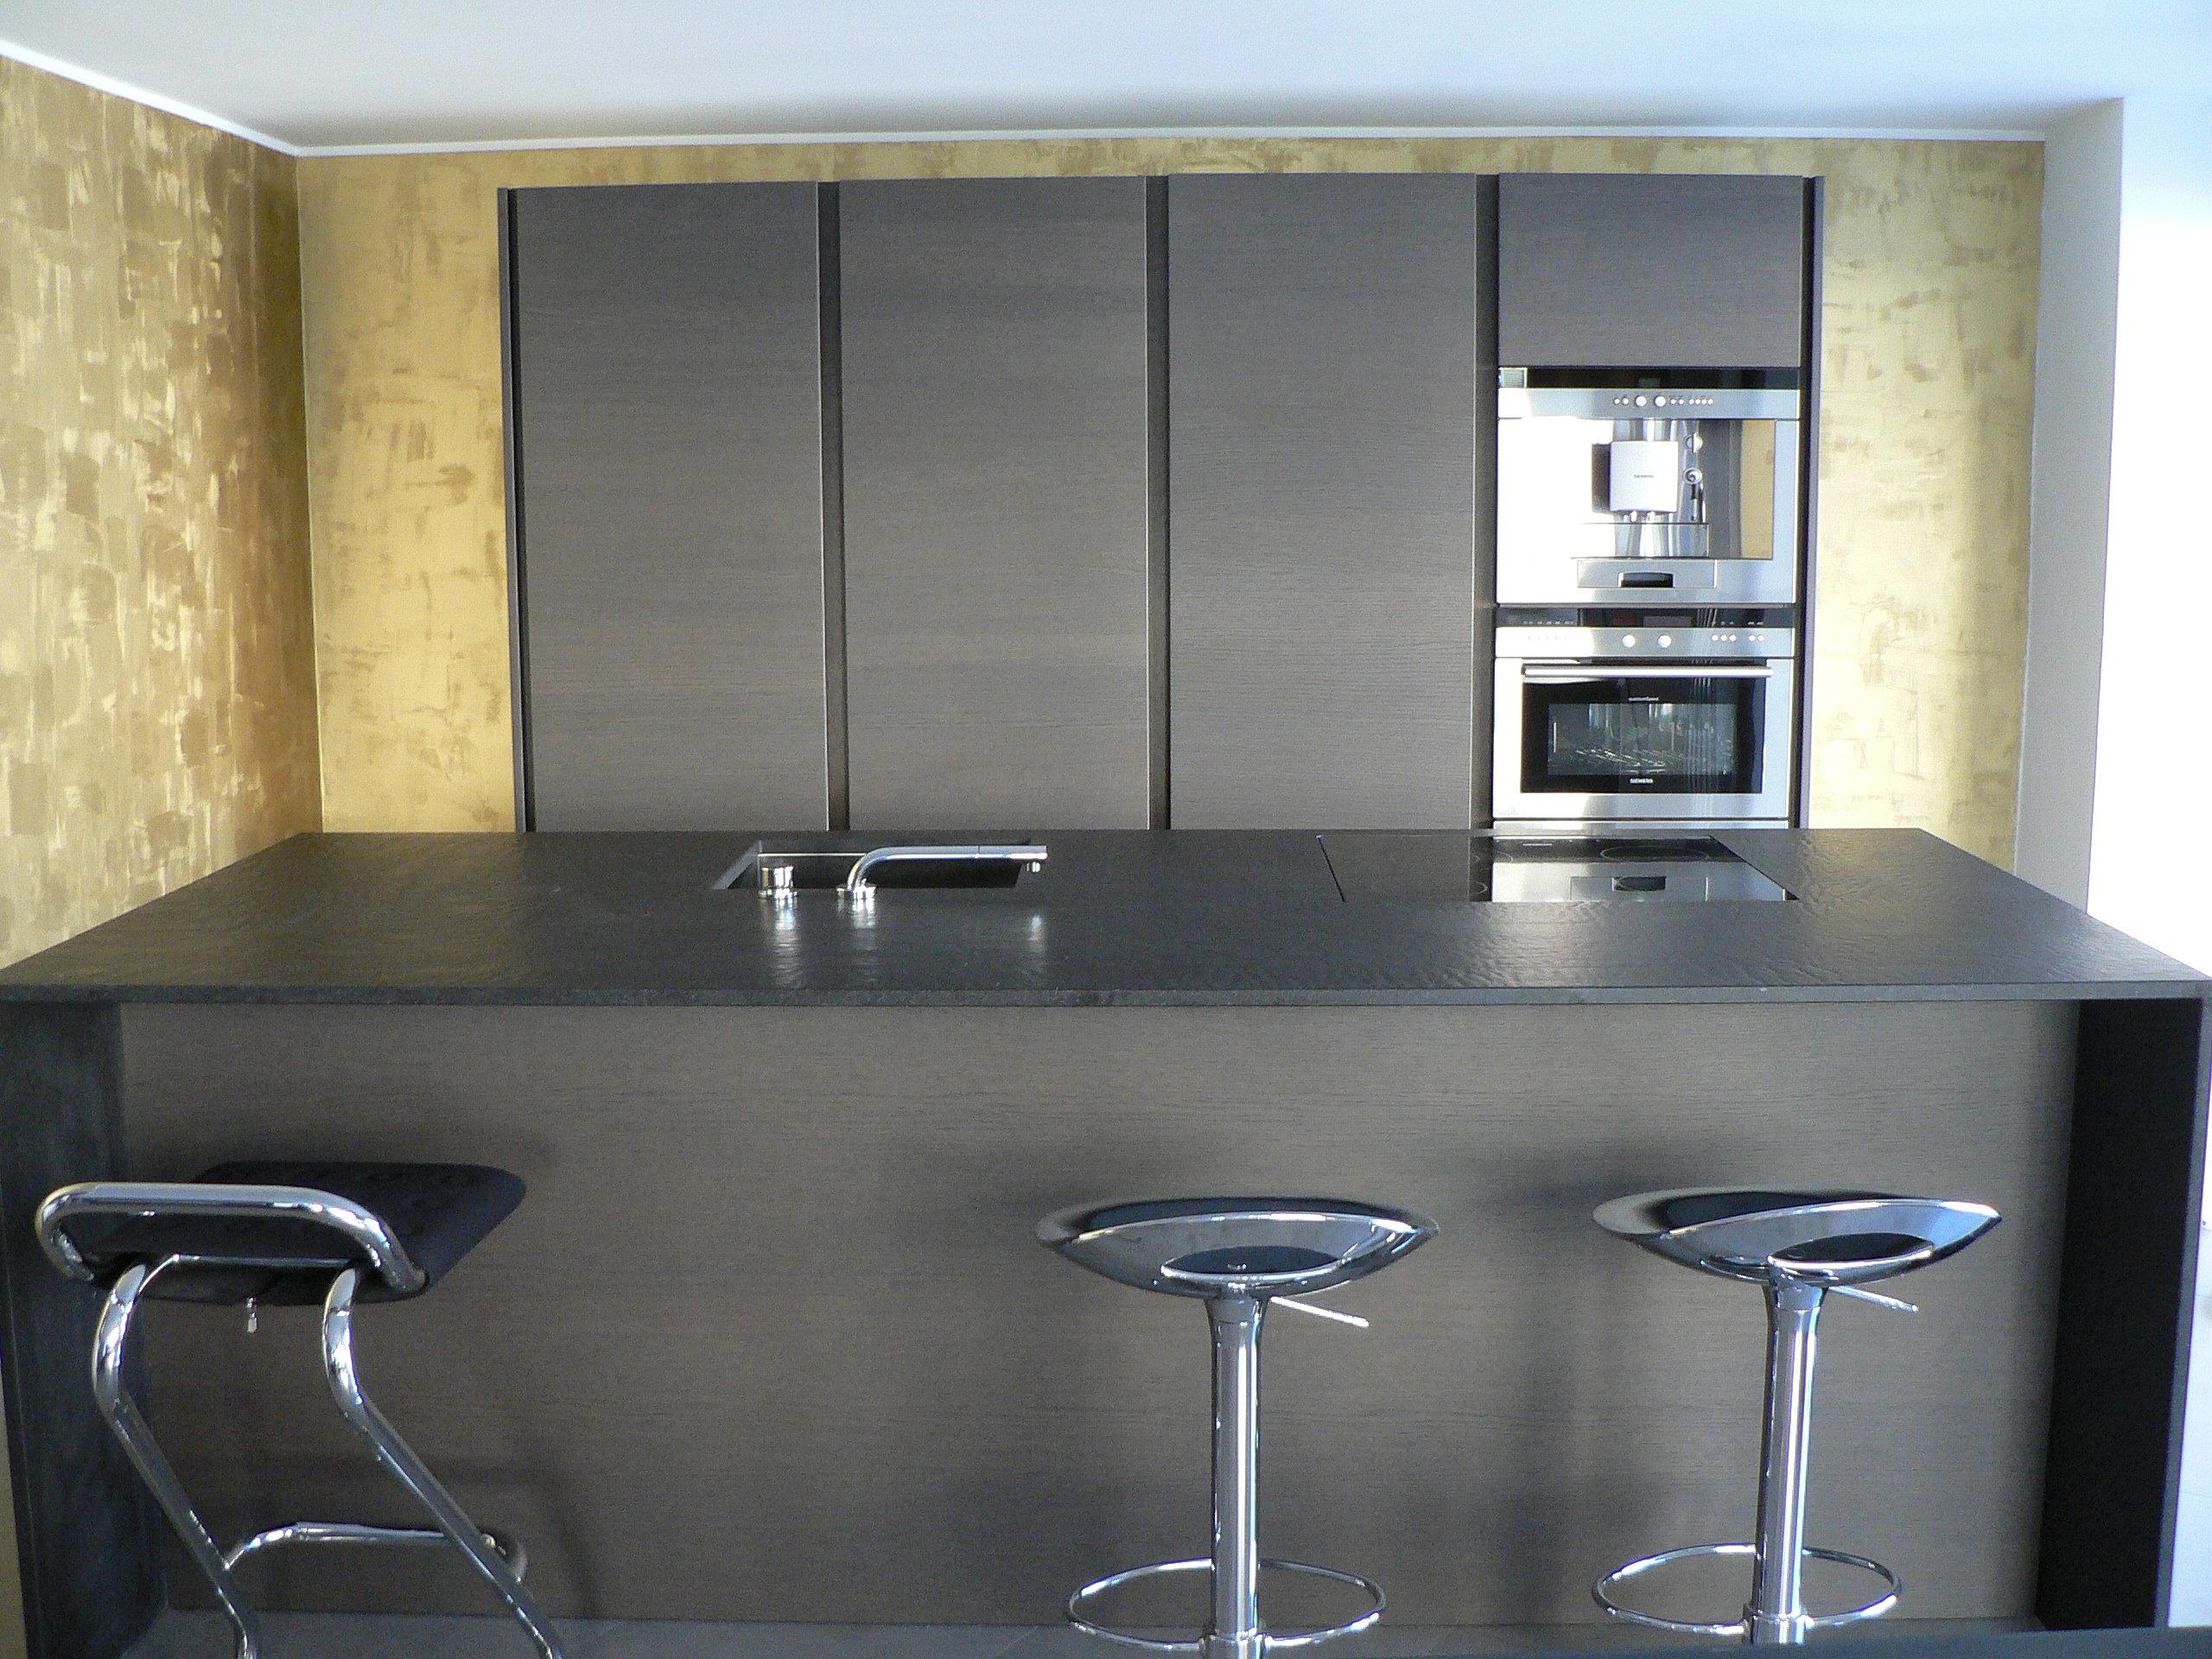 Outlet arredamento e cucine di design modulnova outlet for Arredamento di design outlet